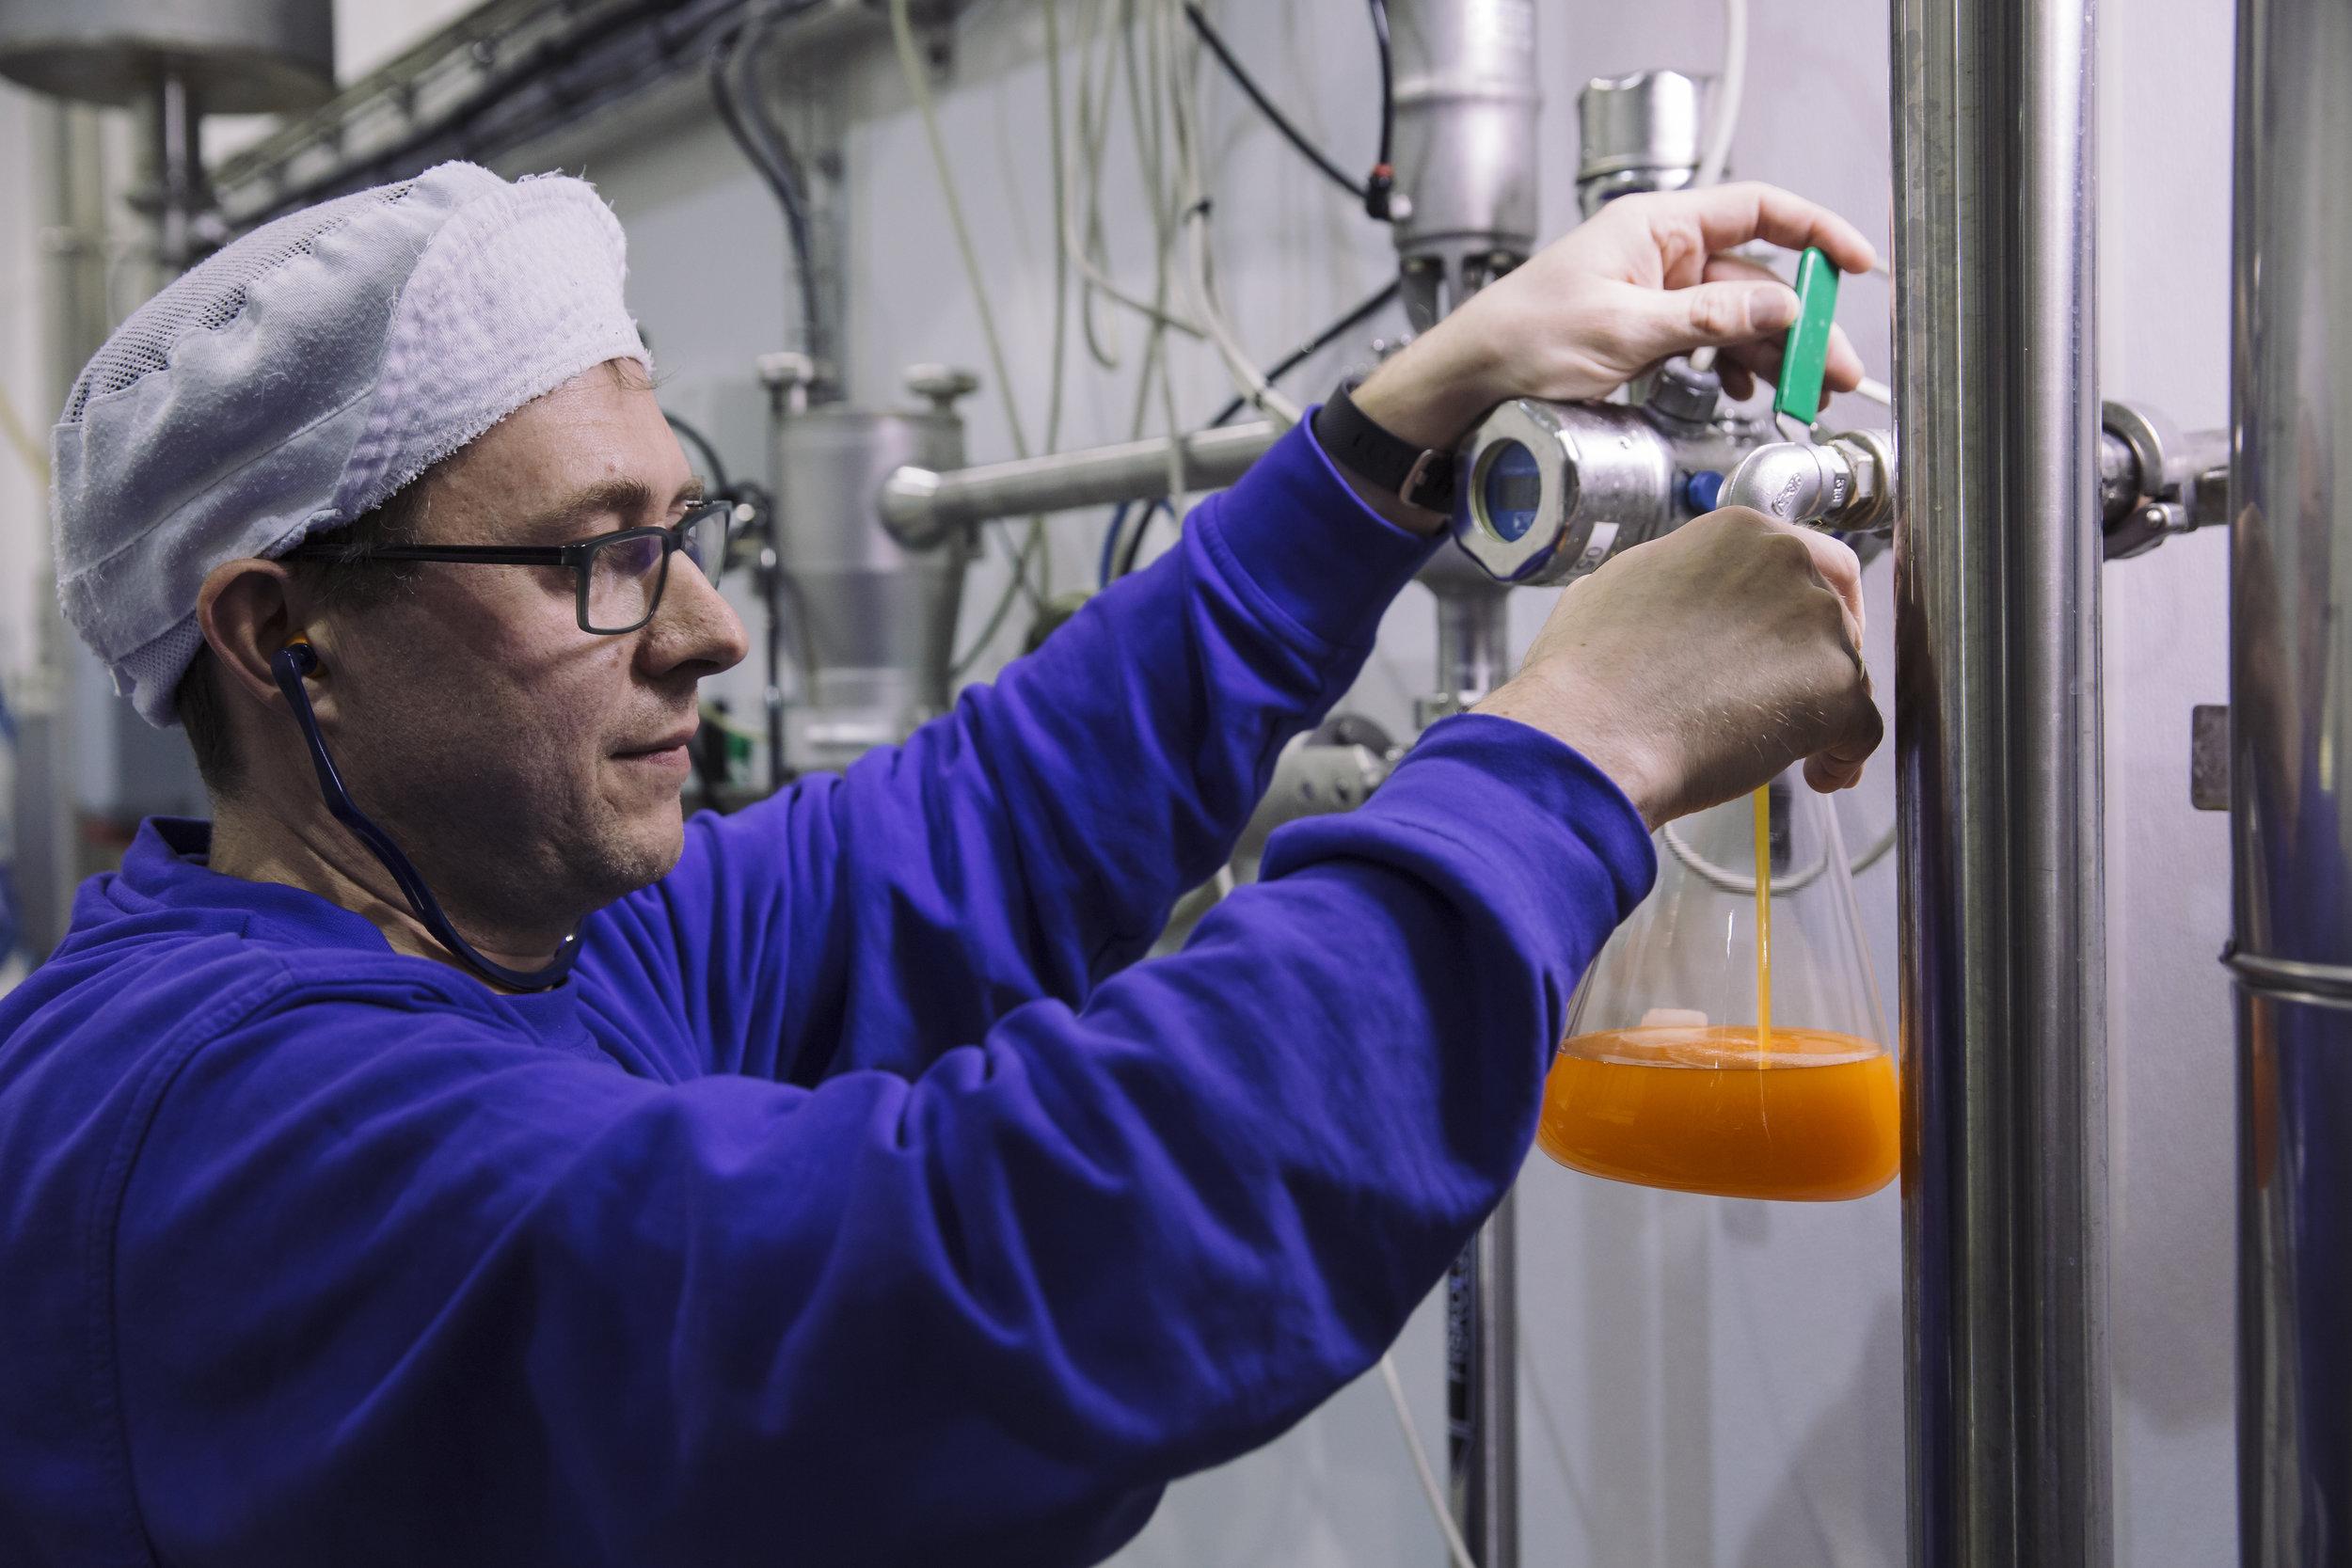 Nordlaks lager fersk lakseolje av restprodukter fra filet- og slakterivirksomheten.